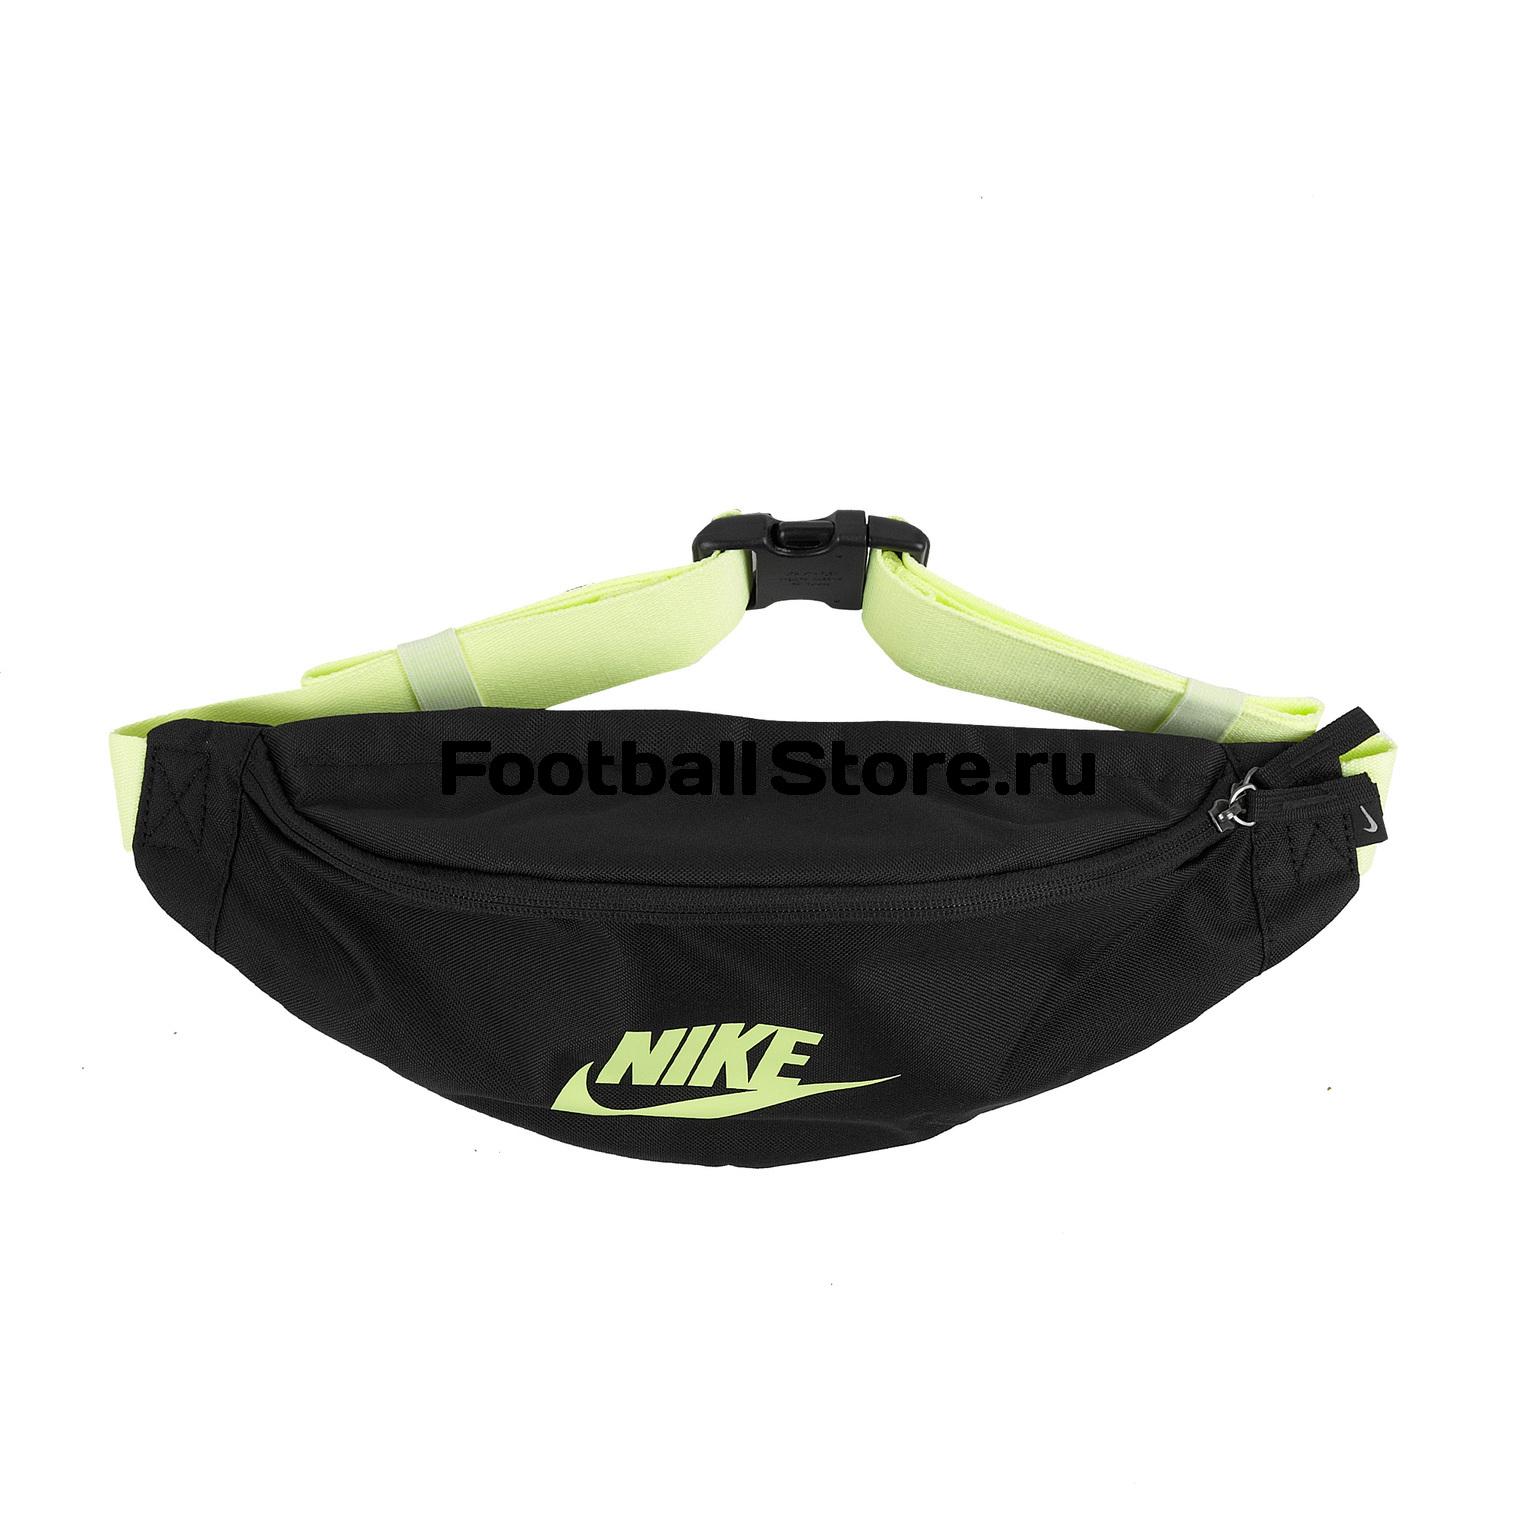 купить Сумка на пояс Nike Heritage Hip Pack BA5750-015 по цене 1490 рублей